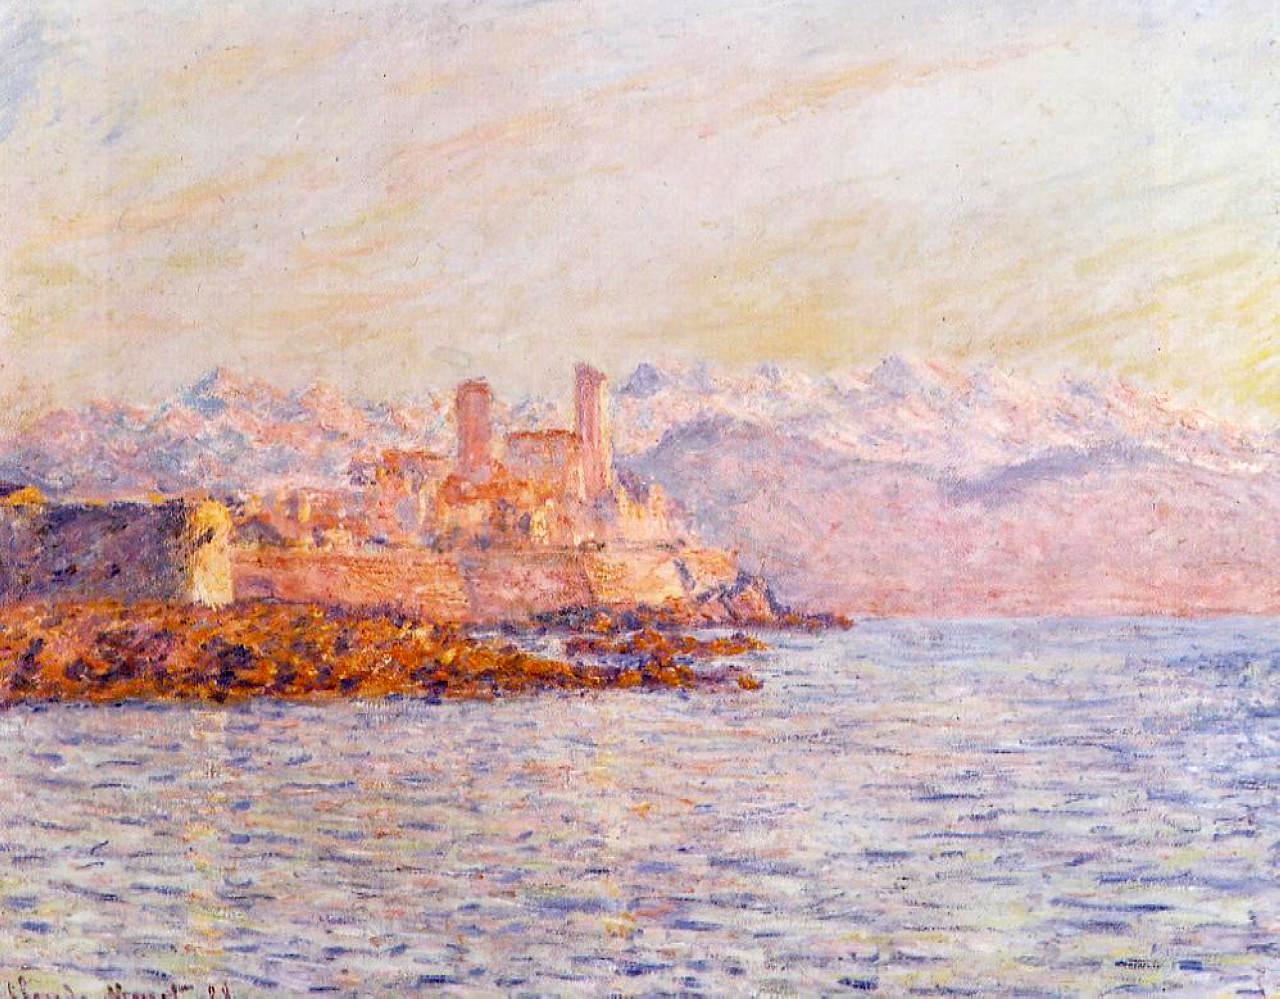 южные пейзажи < Антиб >:: Клод Моне, описание картины - Claude Monet фото